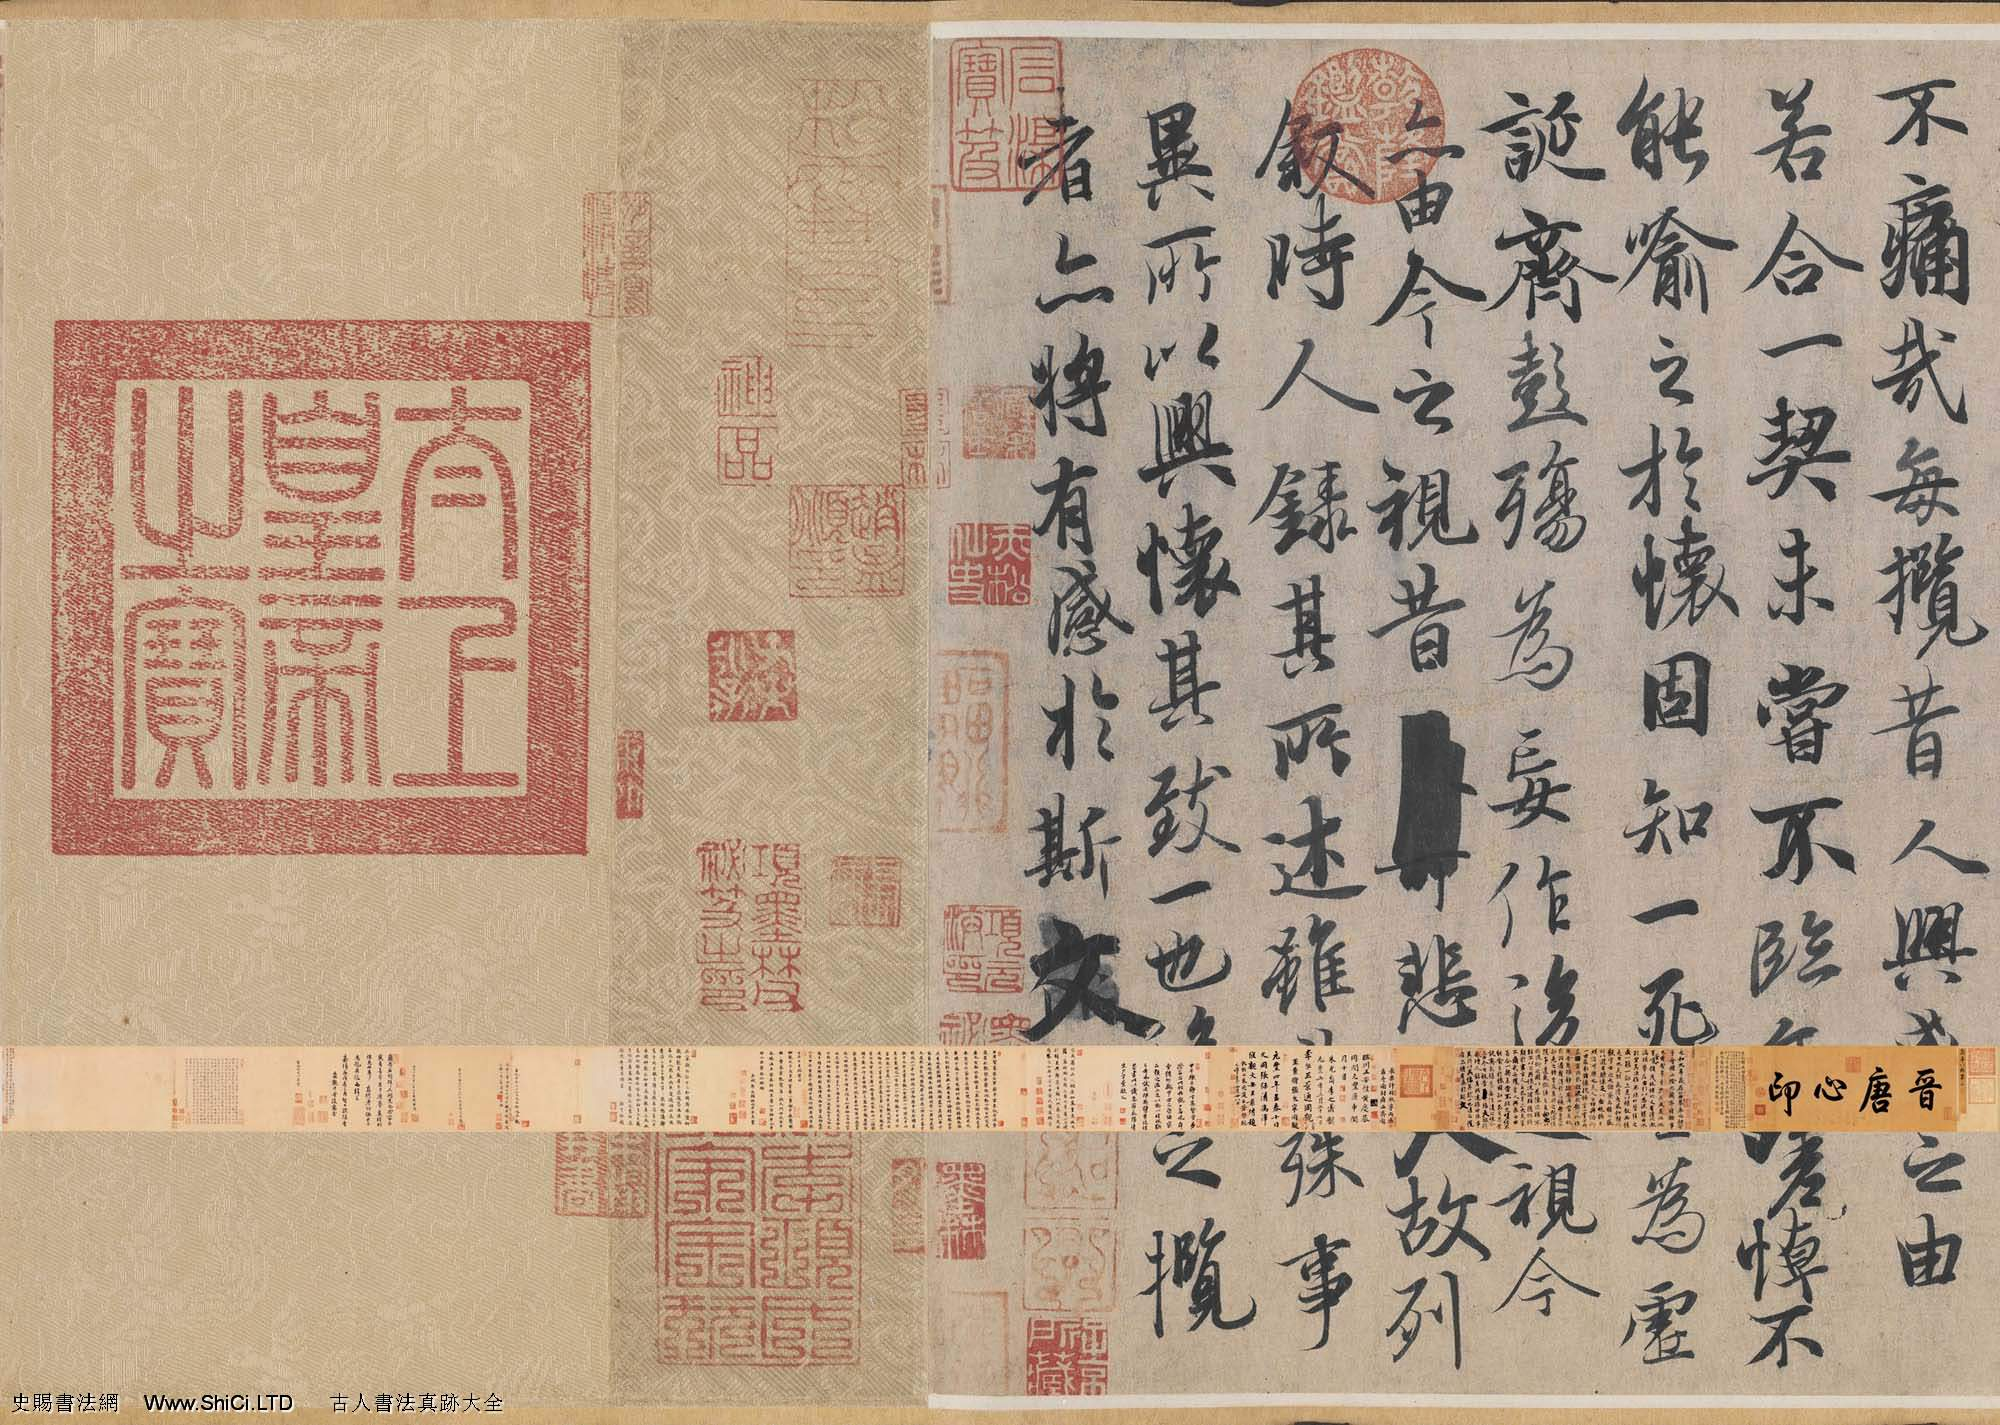 唐代馮承素摹王羲之蘭亭序卷神龍本(共10張圖片)